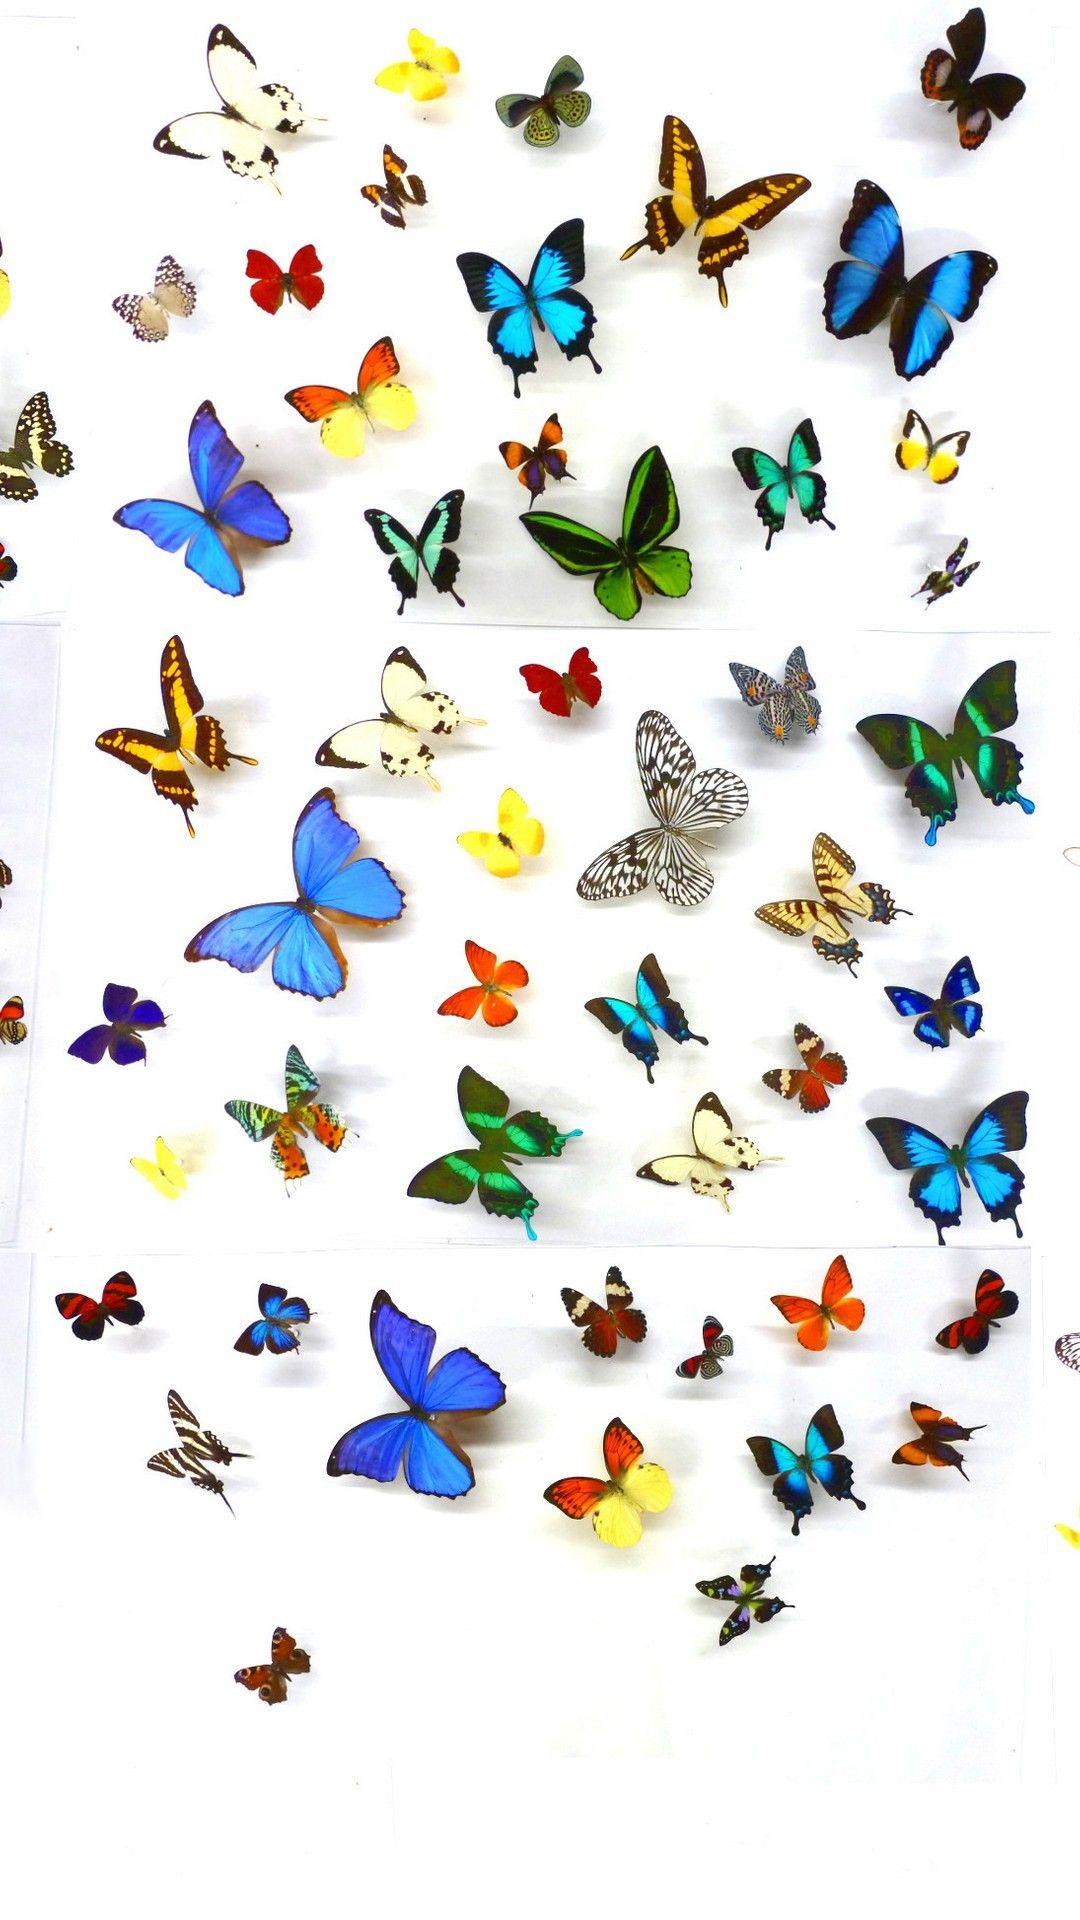 Wallpaper iPhone Butterfly Design | Butterfly wallpaper ...